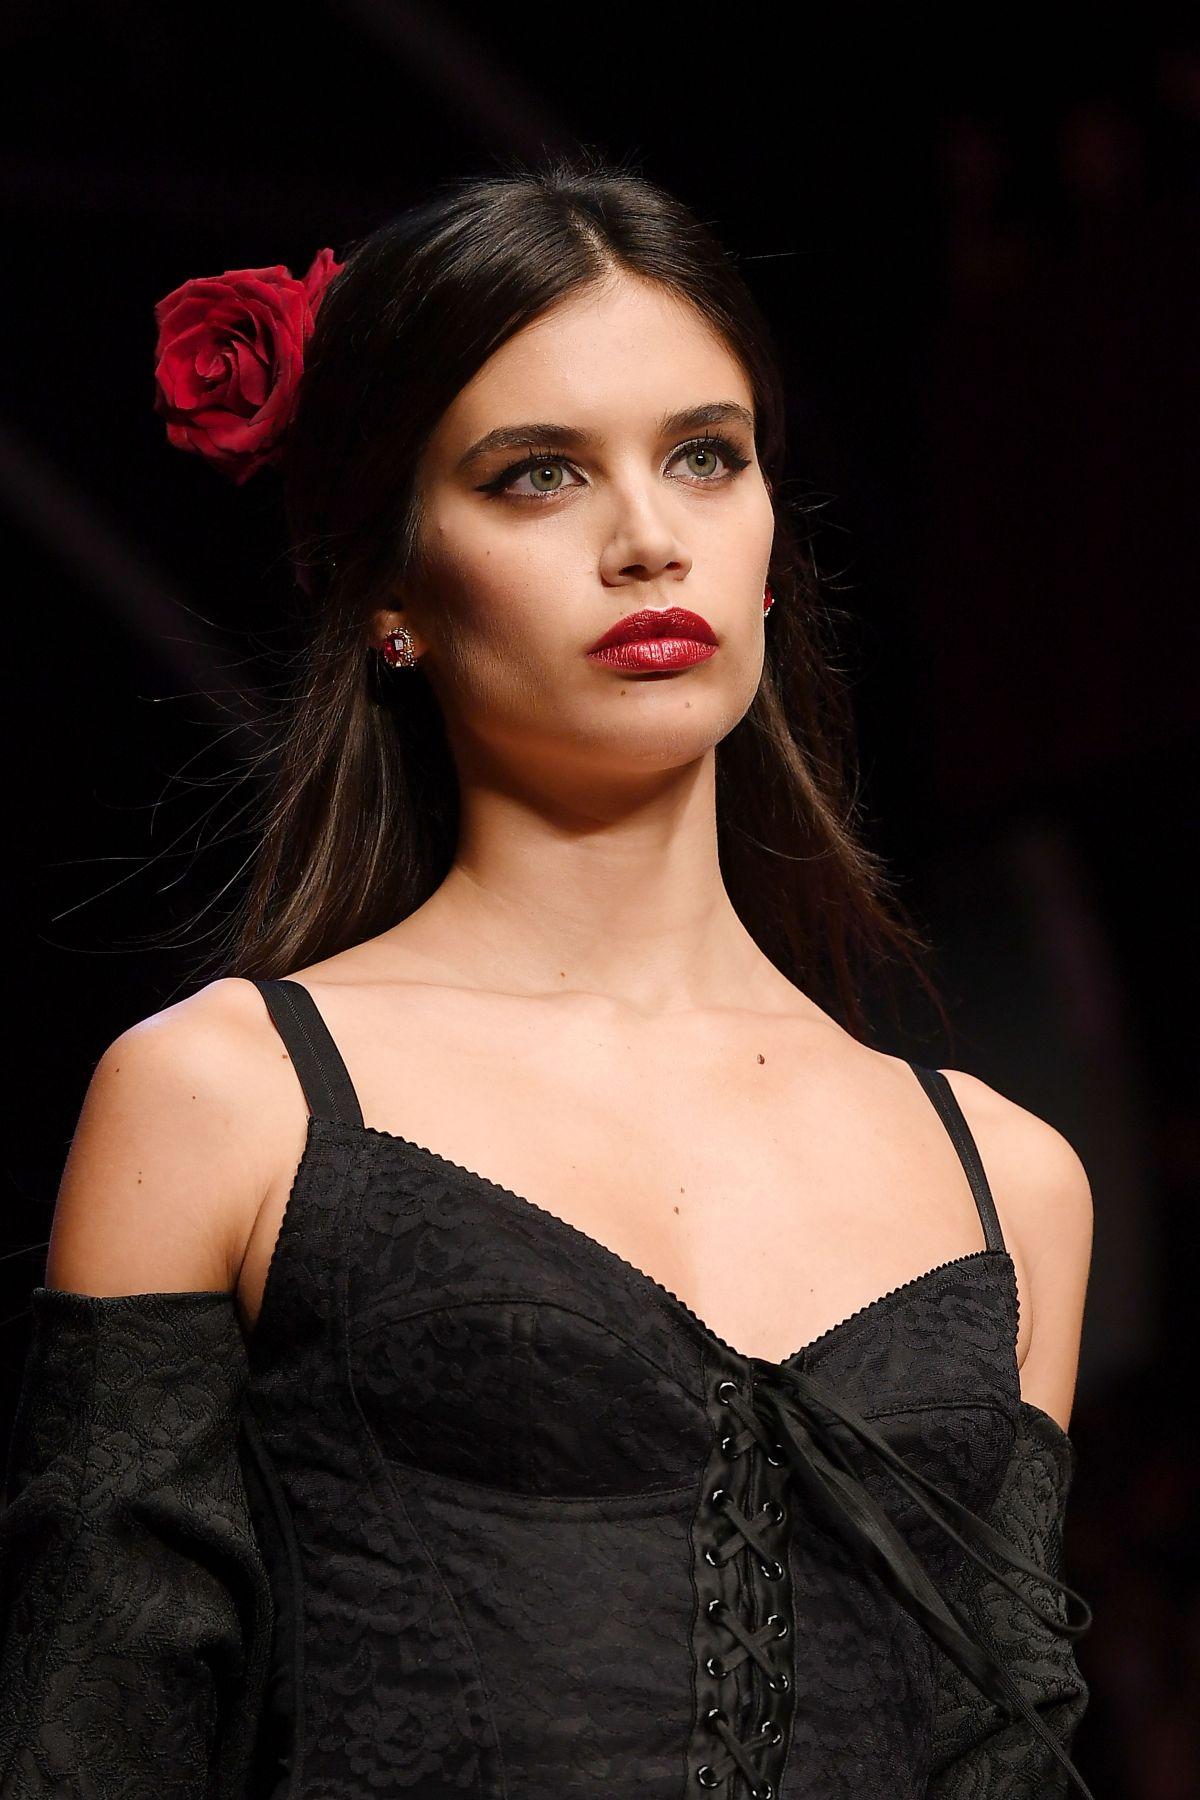 SARA SAMPAIO At Dolce U0026 Gabbana Fashion Show At Milan